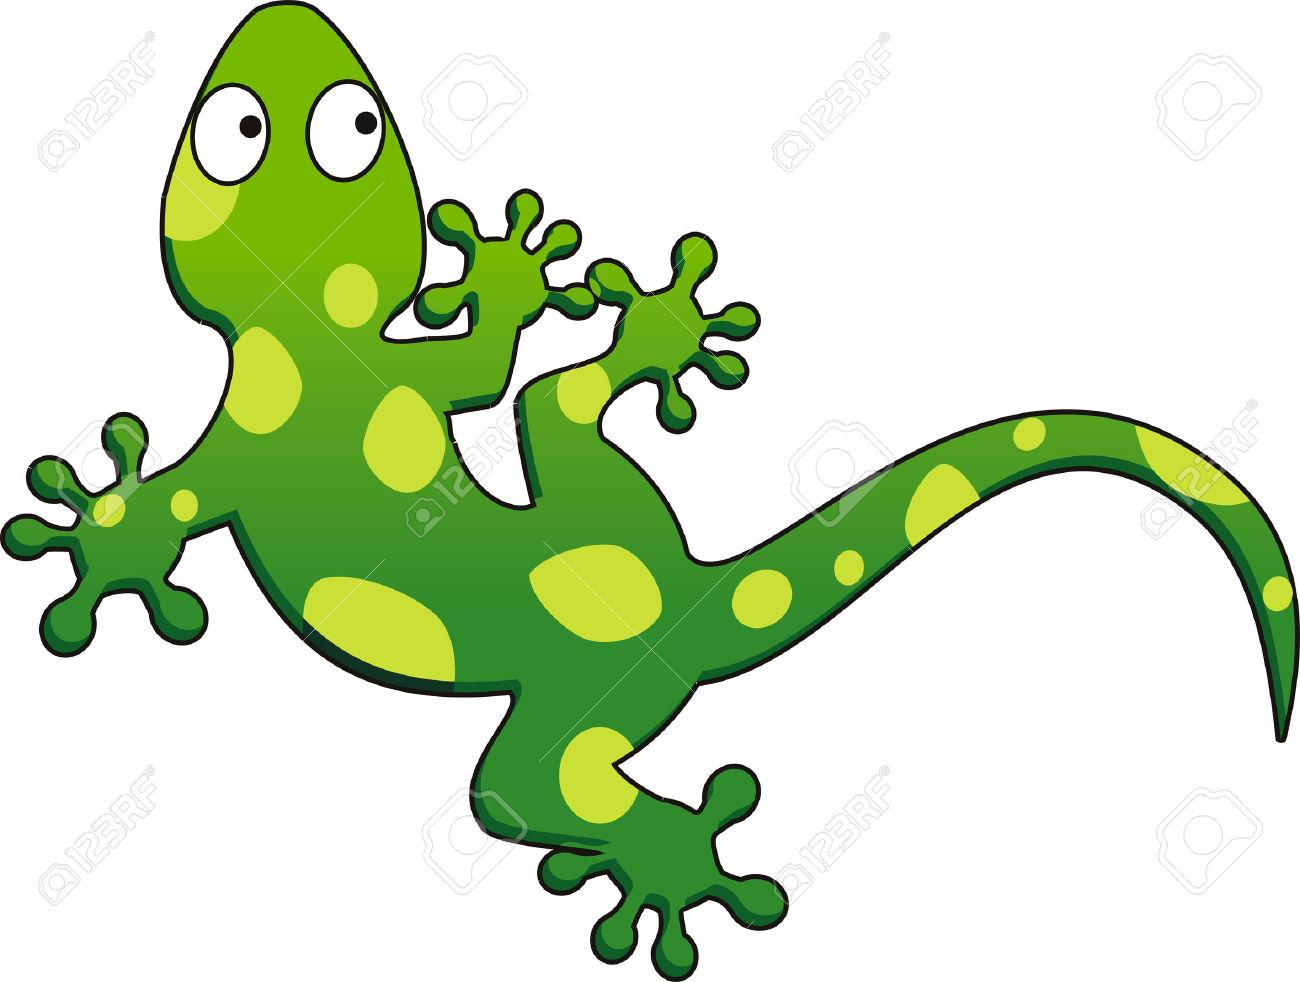 Green gecko clipart.